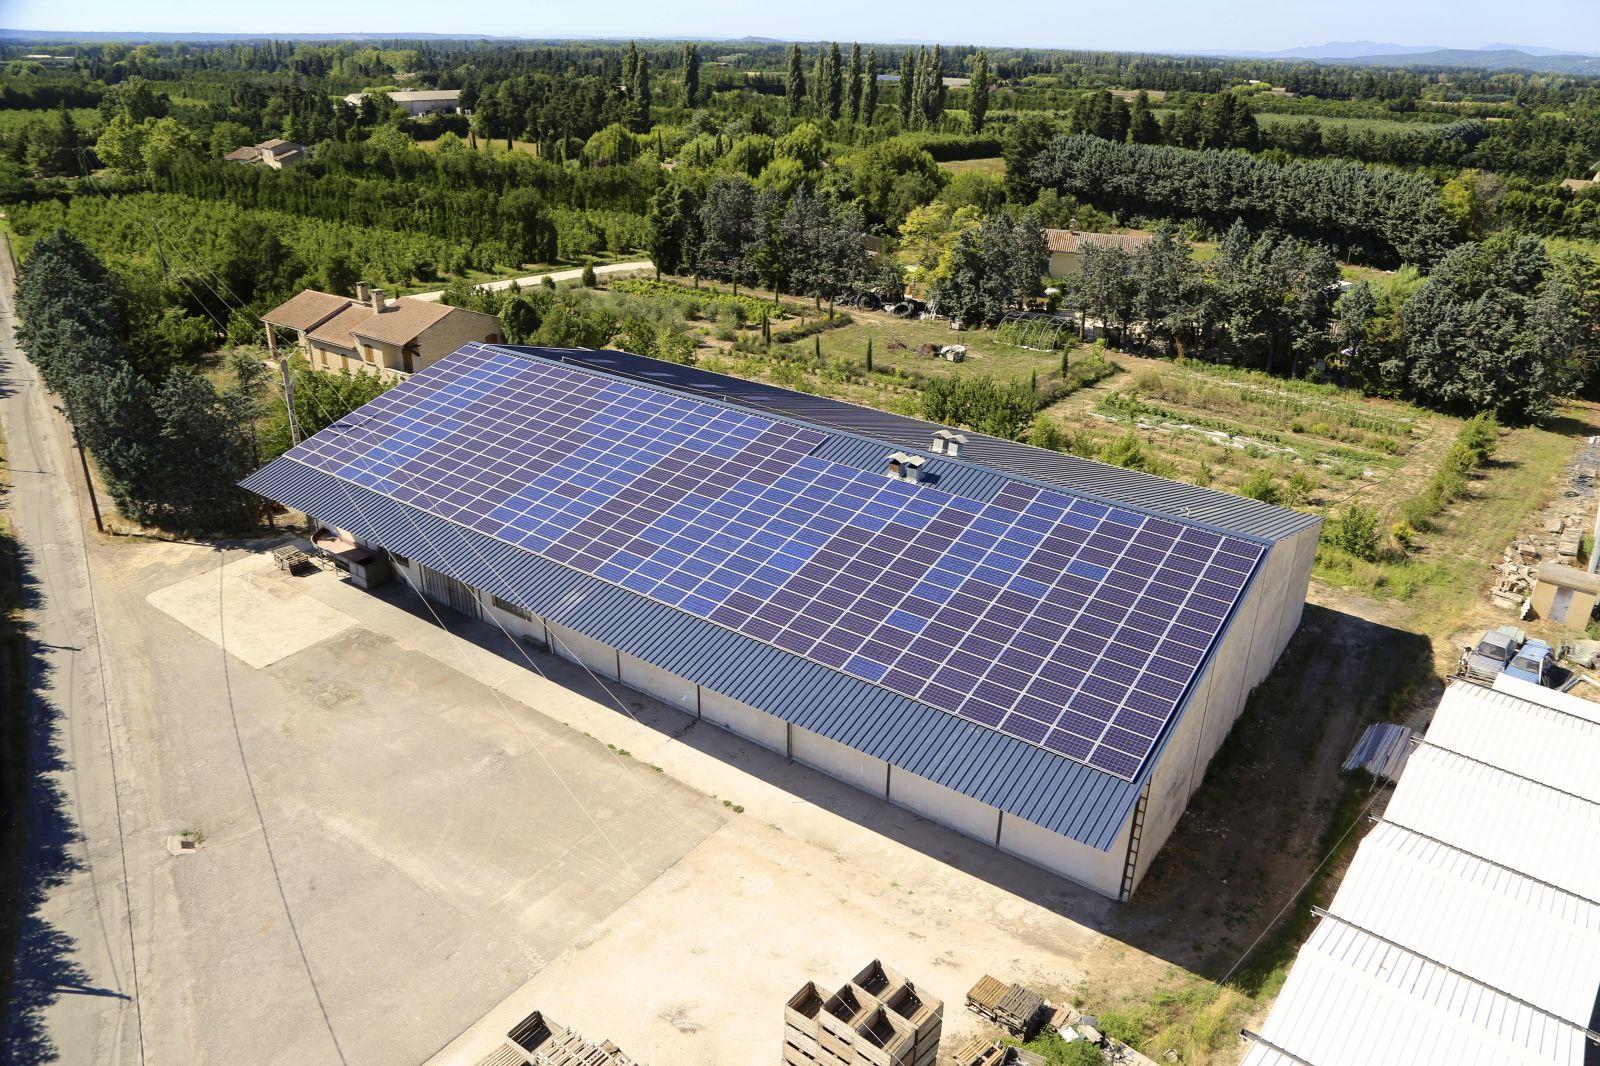 montage d 39 un hangar agricole avec installation de panneaux solaires cavaillon installateur. Black Bedroom Furniture Sets. Home Design Ideas